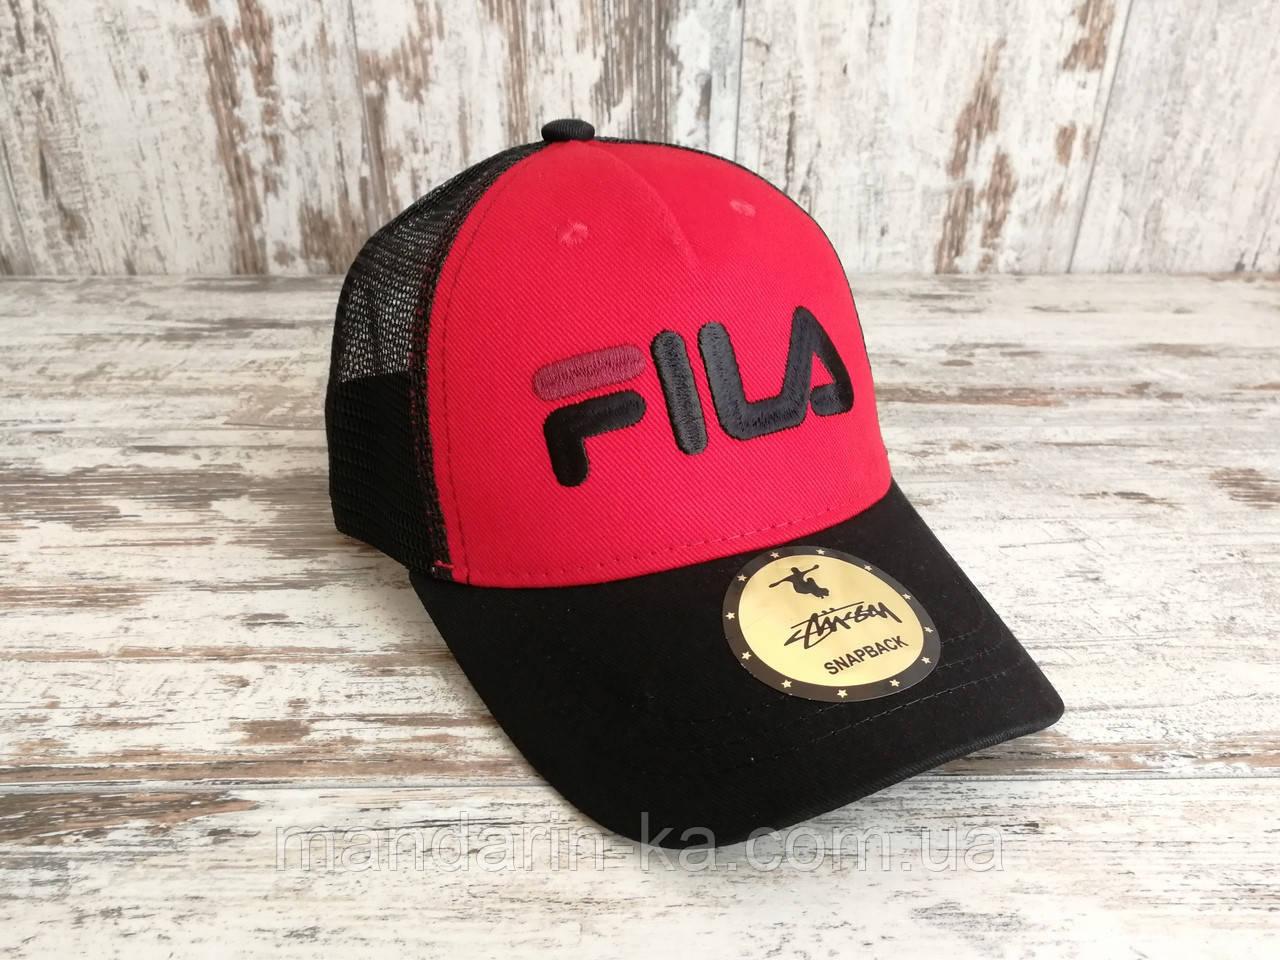 Кепка бейсболка блайзер снепбек Fila Фила топ качество цвета в ассортименте (реплика)